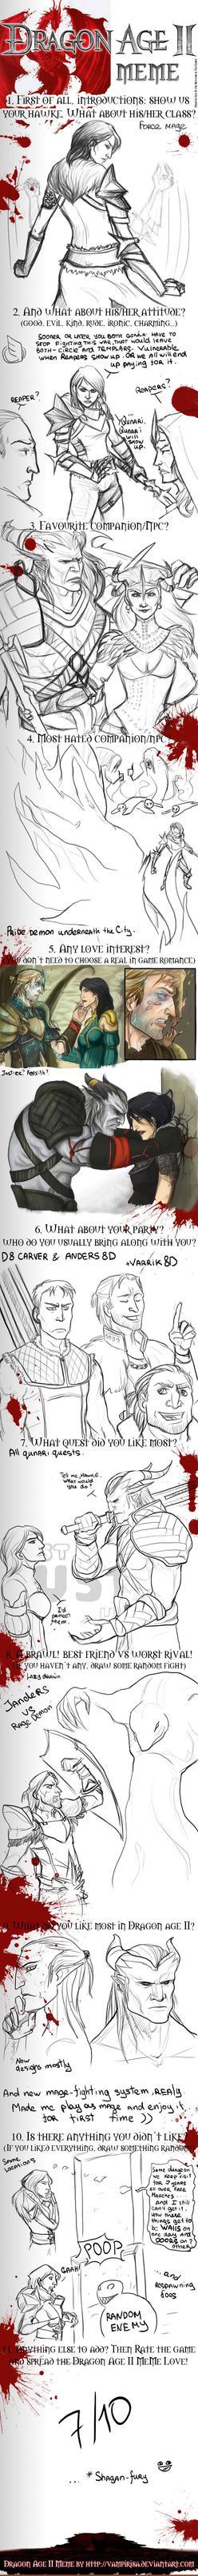 DA2 meme by Cerviero